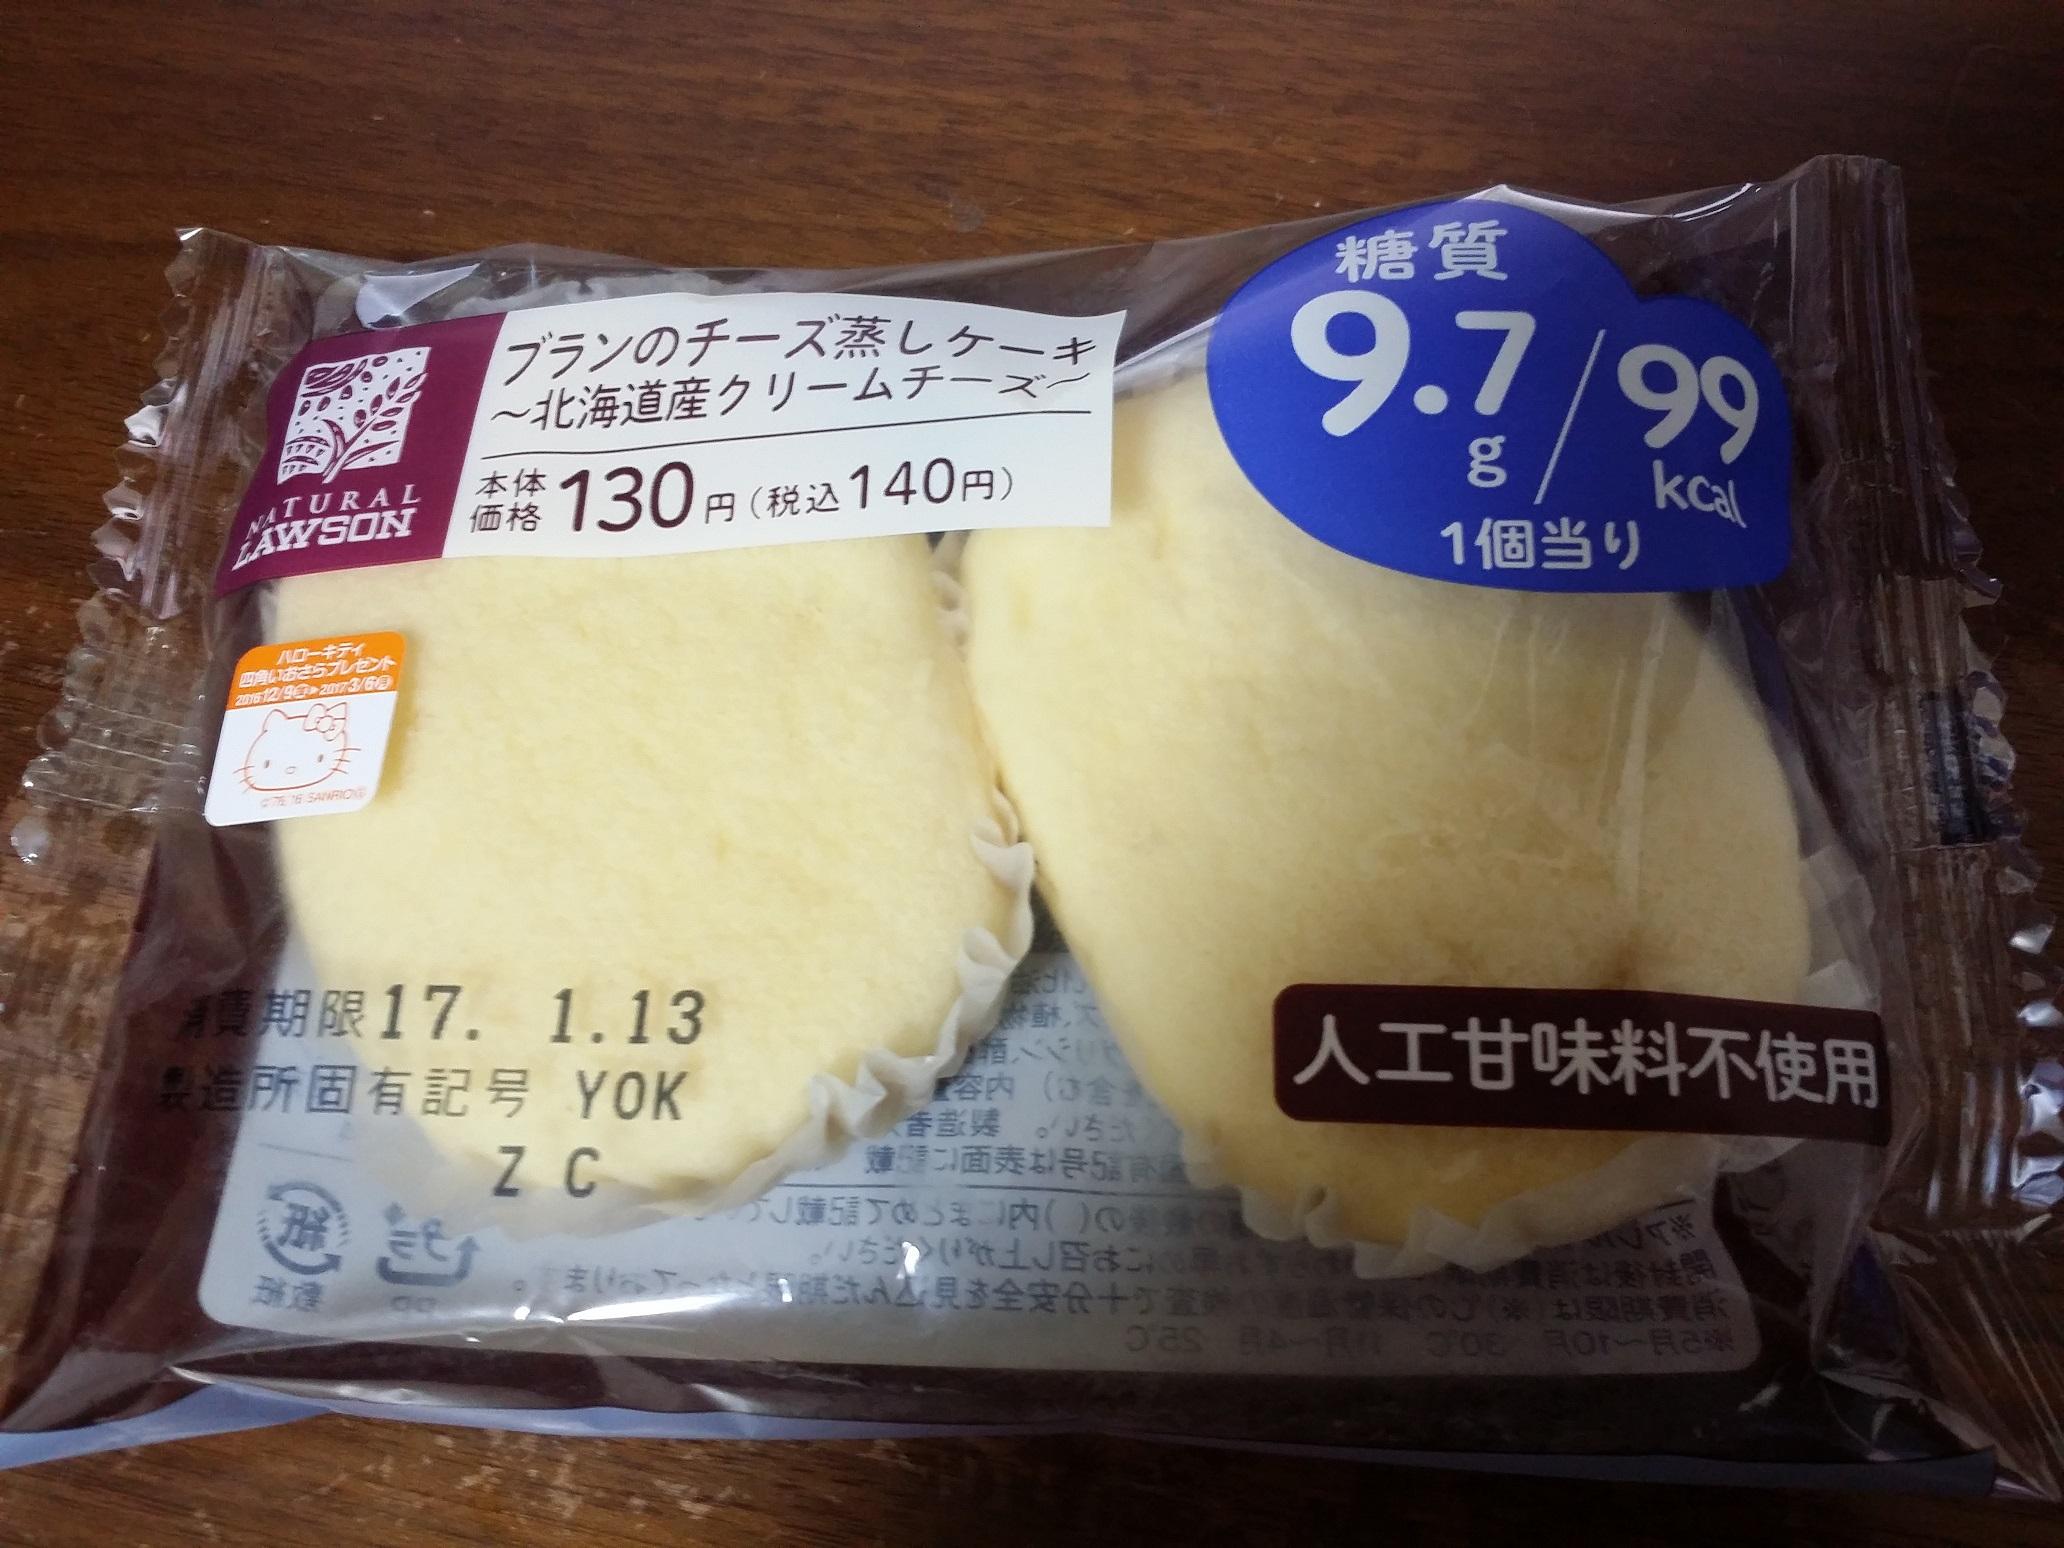 【糖質制限おやつ コンビニ編】 ローソンのブランパン ブランのチーズ蒸しケーキ 糖質量9.7g